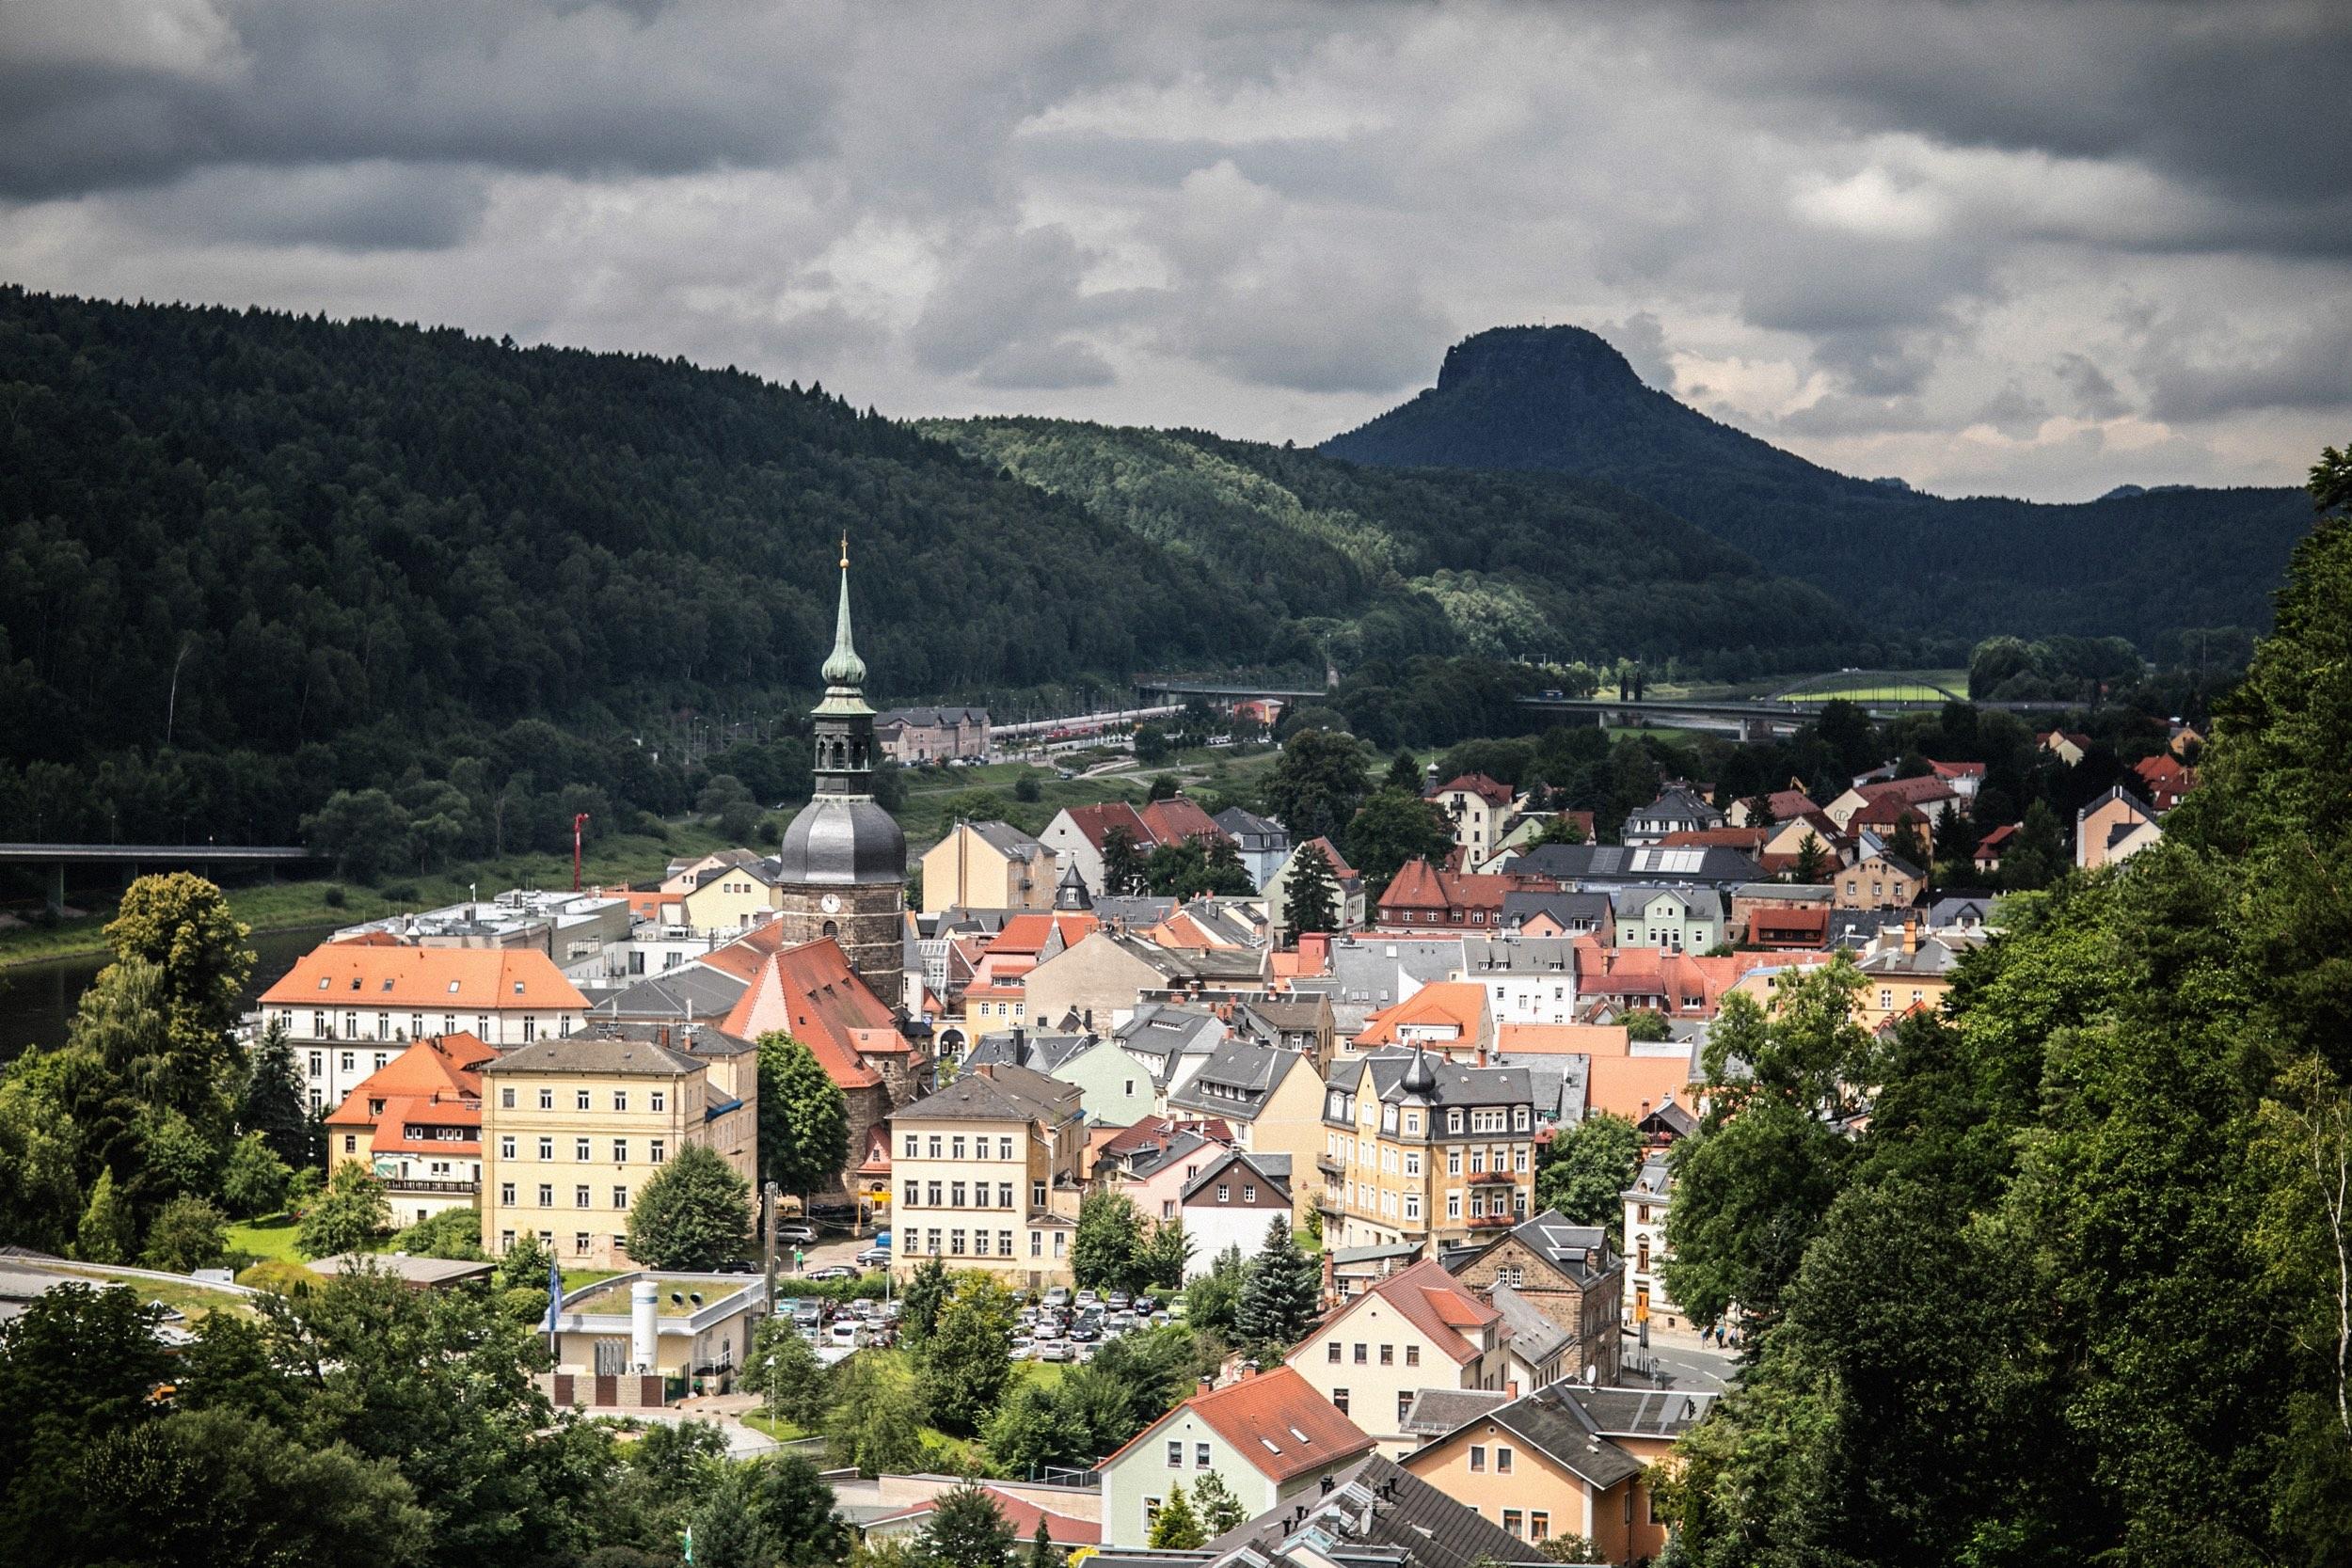 Saechsische Schweiz